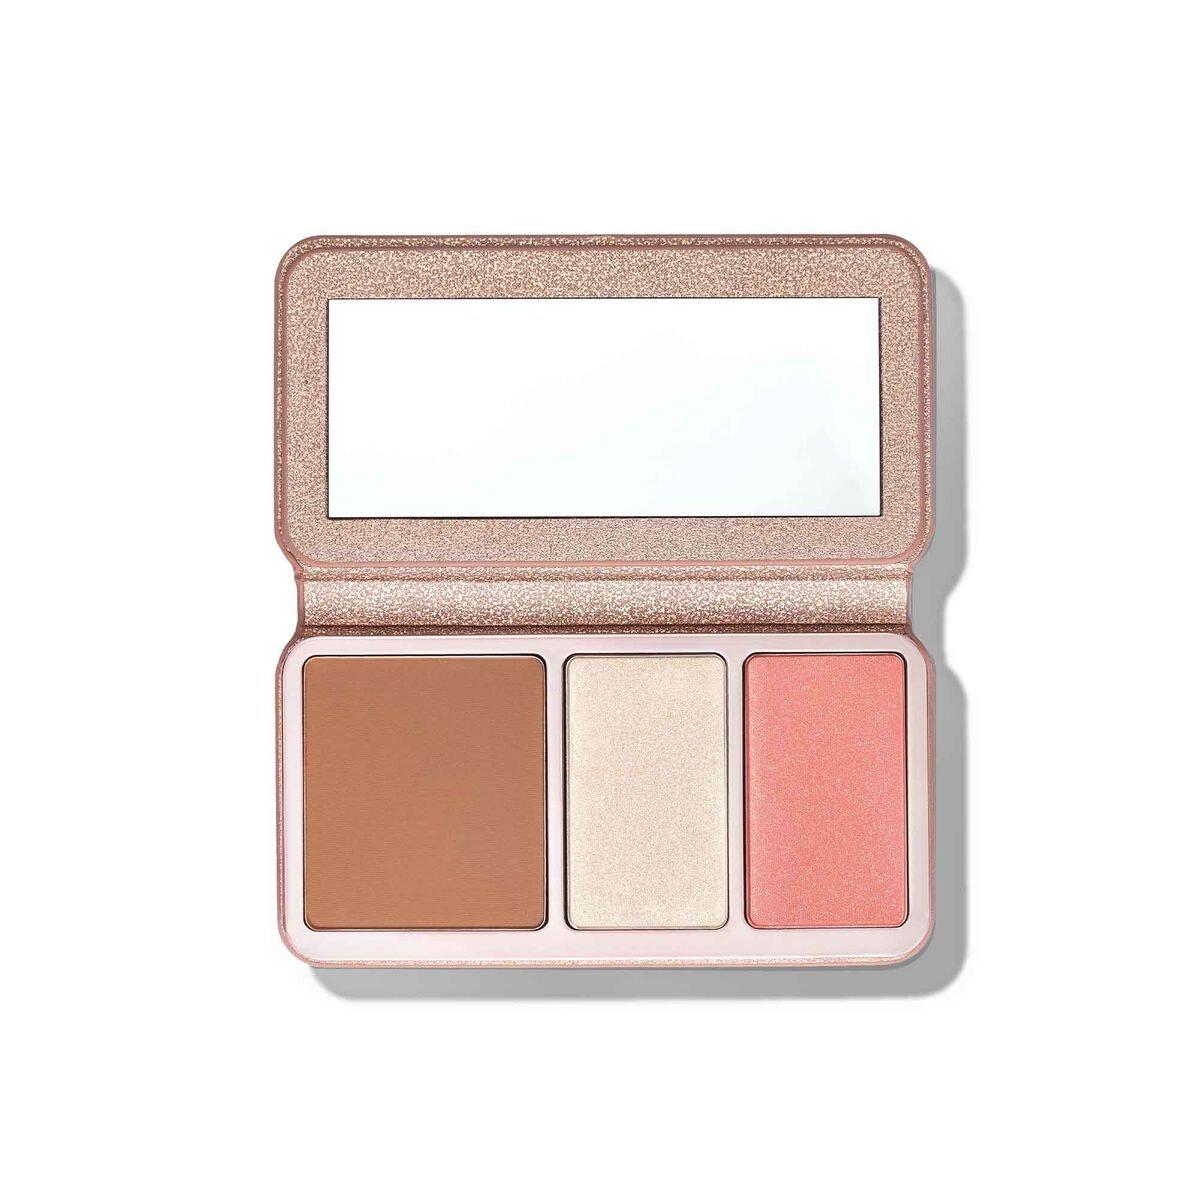 Face Palette - Italian Summer